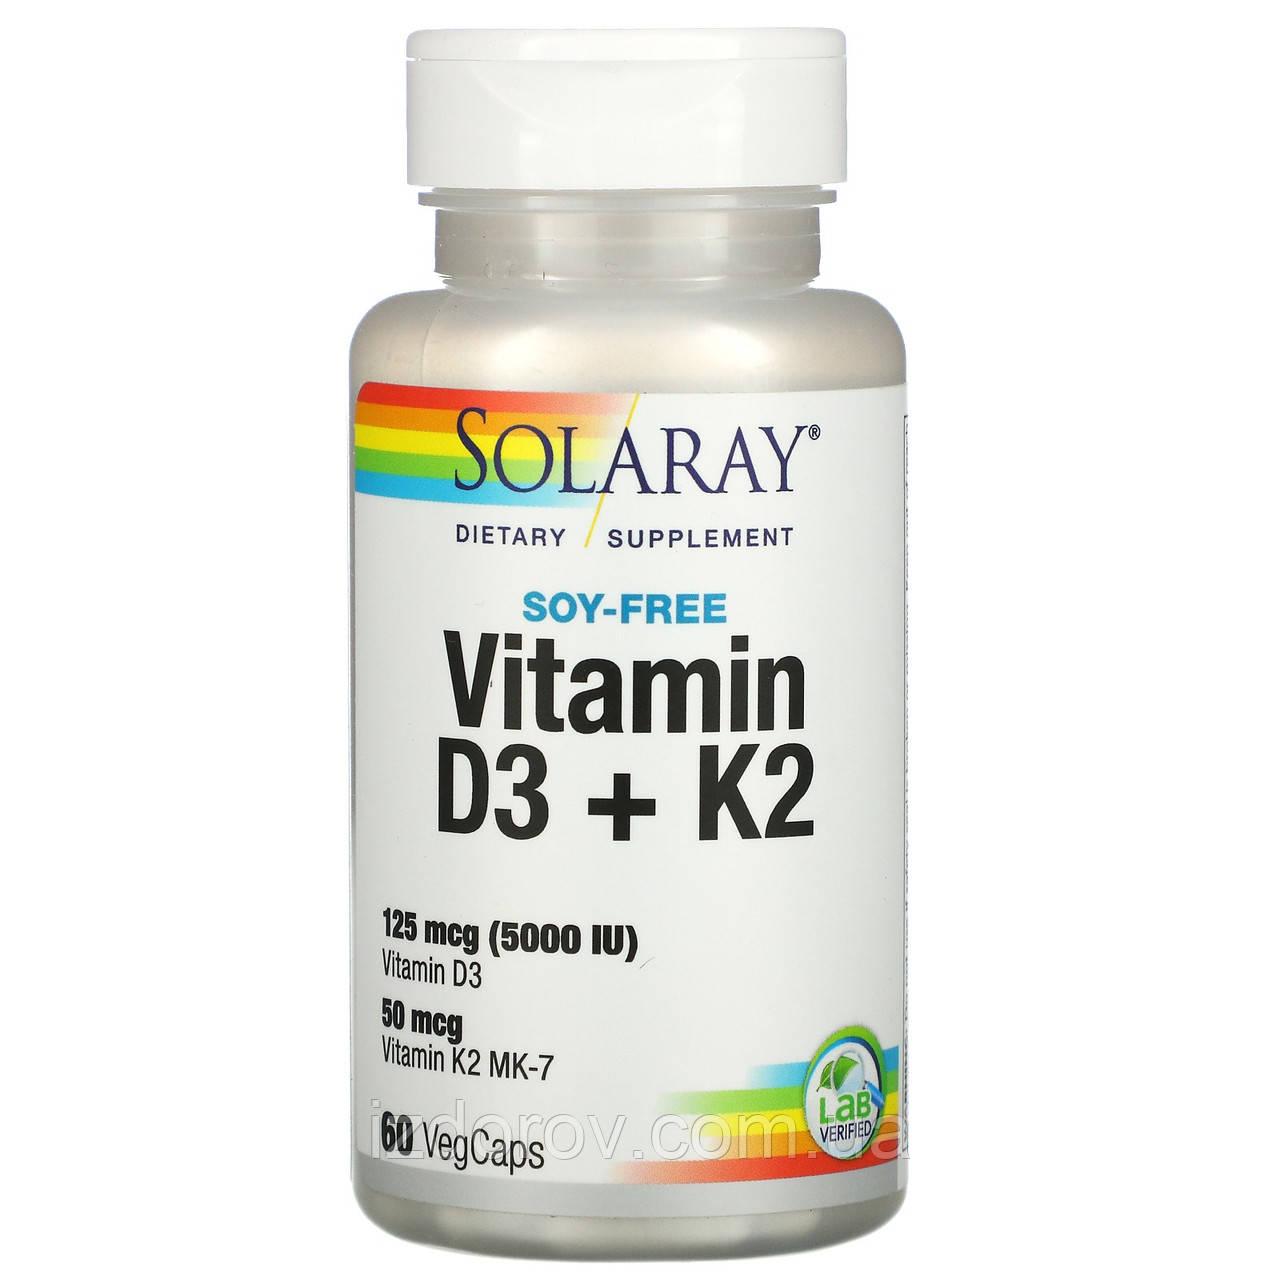 Solaray, Вітамін D3 + K2 (холекальциферол і менахінон) для кісток, зв'язок і суглобів, 60 капсул. США